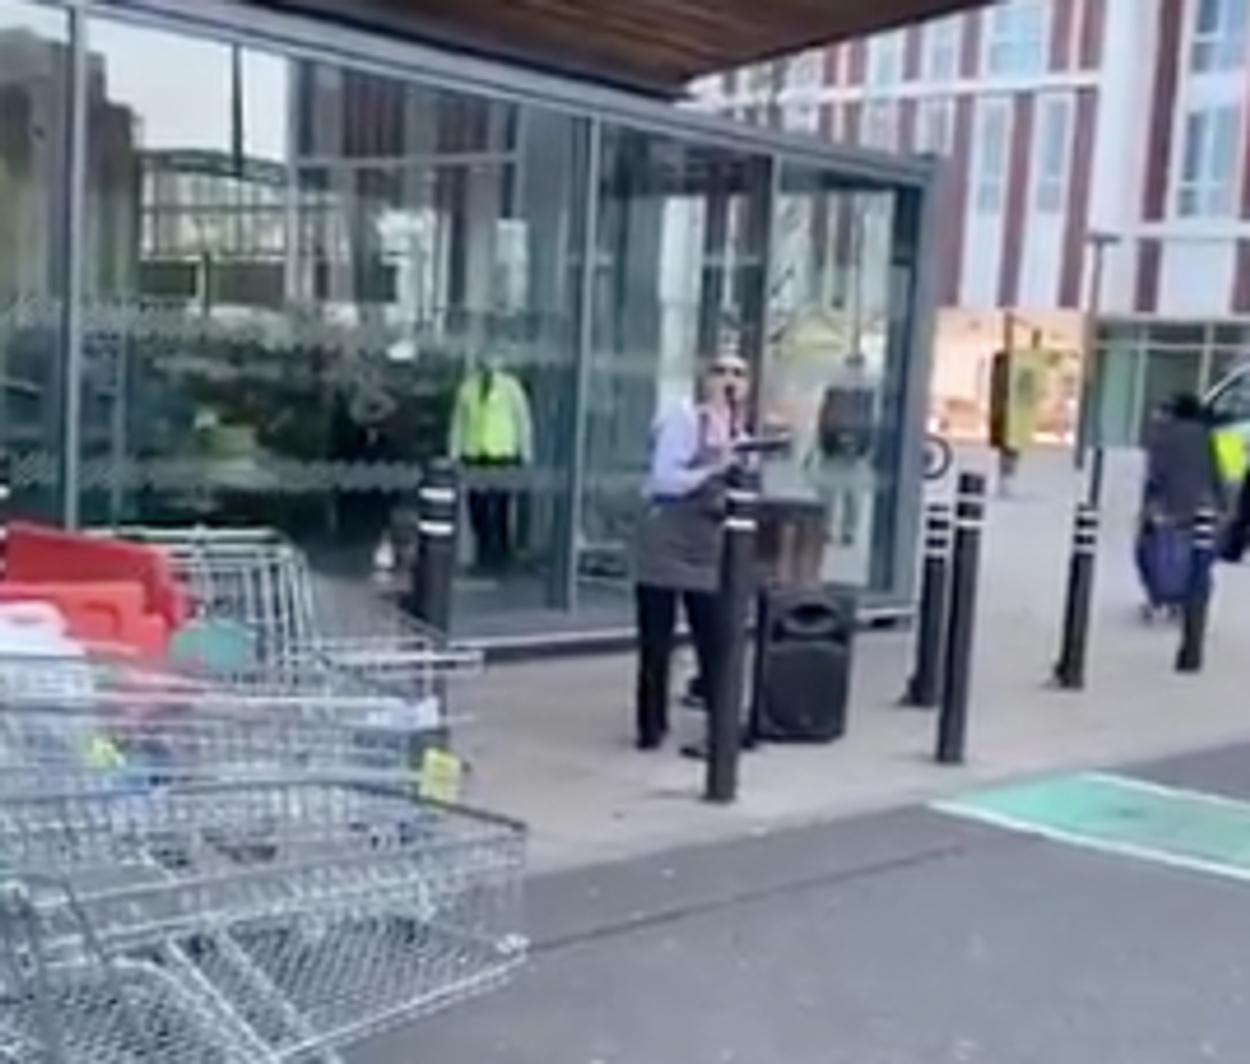 Η υπάλληλος του σούπερ μάρκετ που μάγεψε με την φωνή της όσους περίμεναν στην ουρά